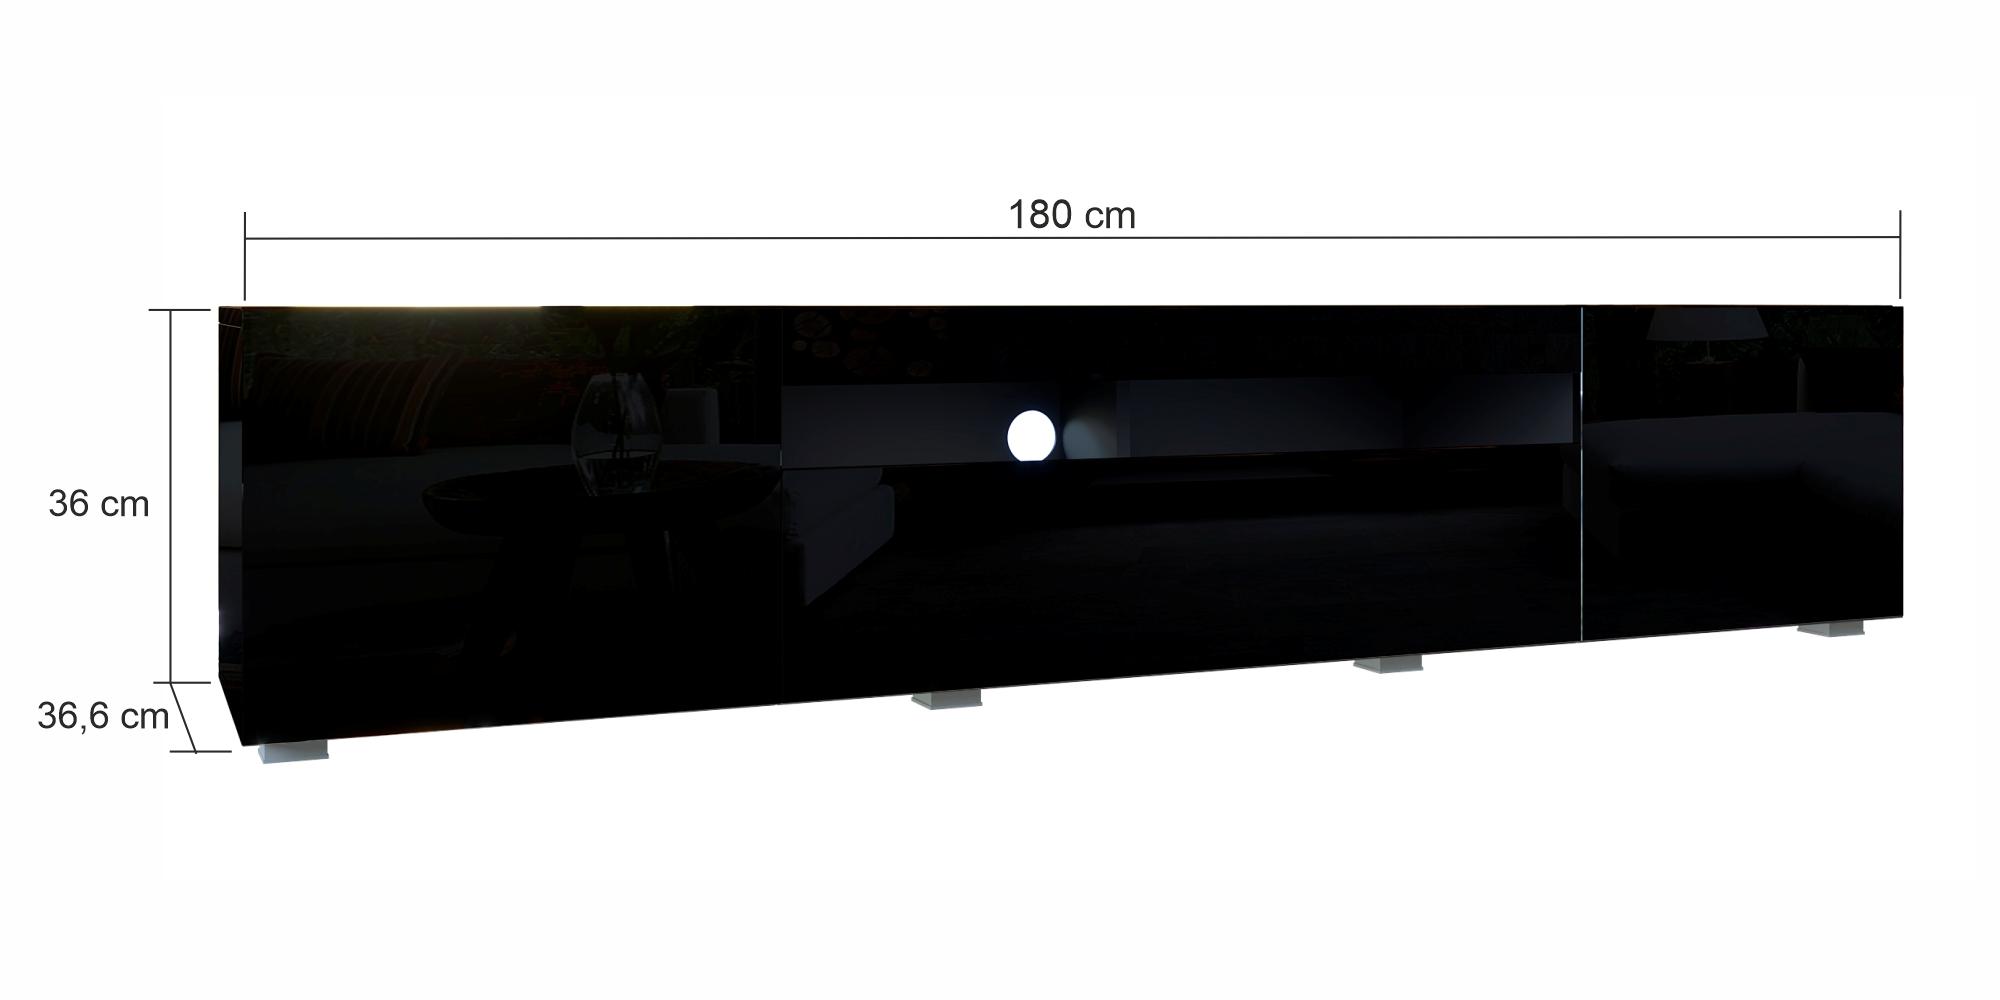 TV-Lowboard Sochi in Schwarz Hochglanz 180 cm